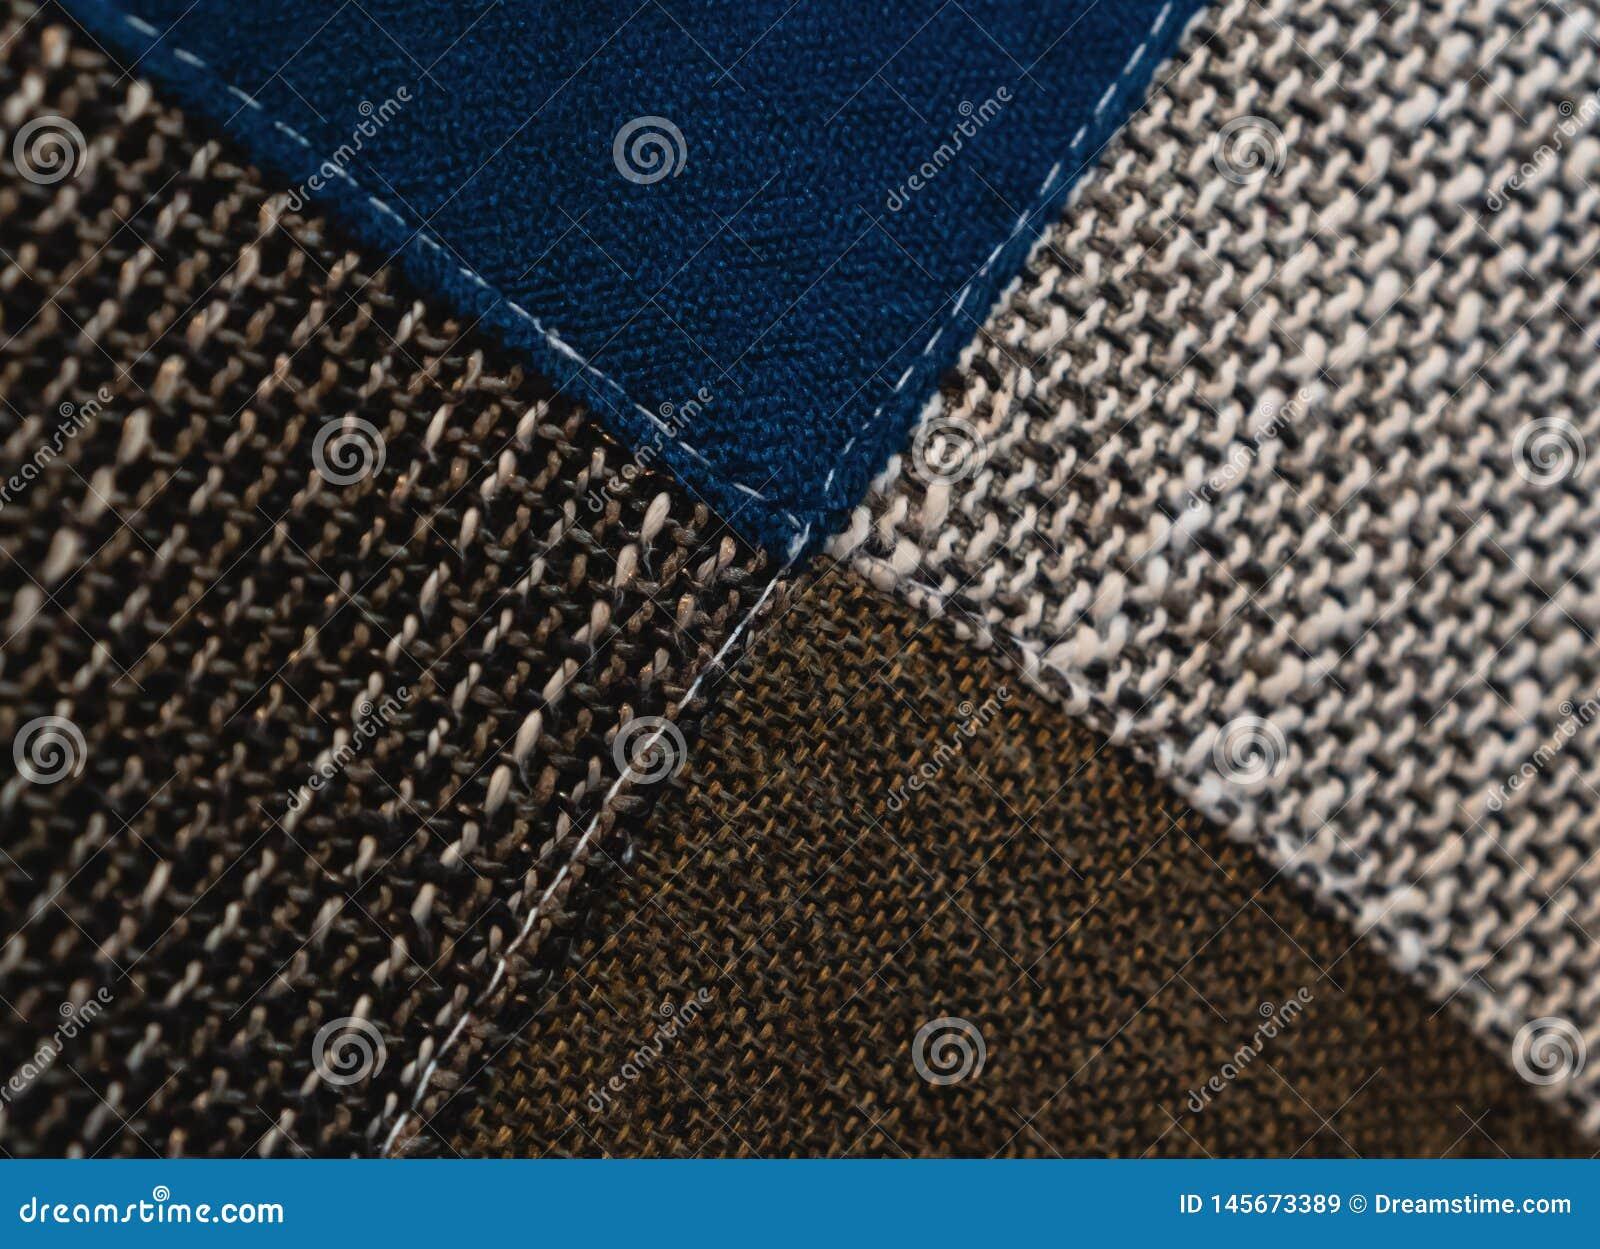 O teste padrão colorido da tela pode ser usado para o fundo